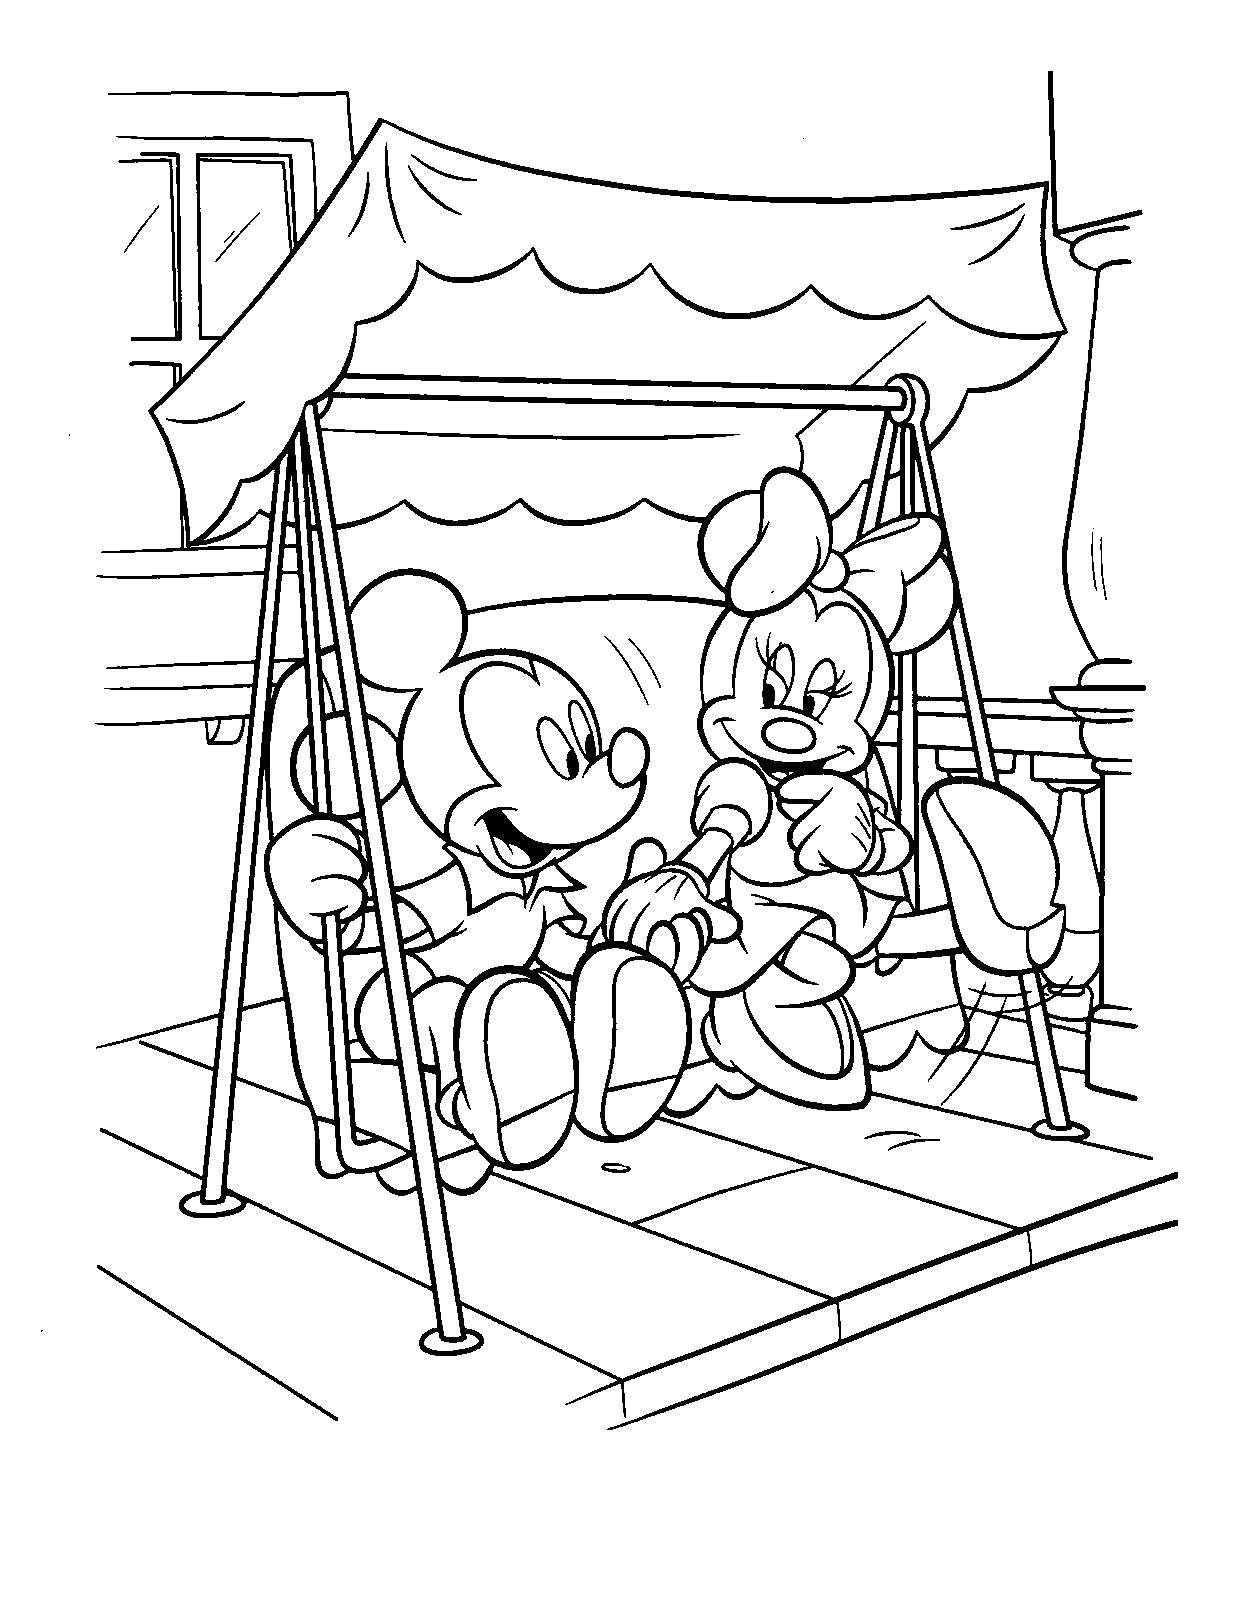 Minnie Mouse Ausmalbild Frisch 35 Schön Mickey Mouse Ausmalbild – Große Coloring Page Sammlung Fotos